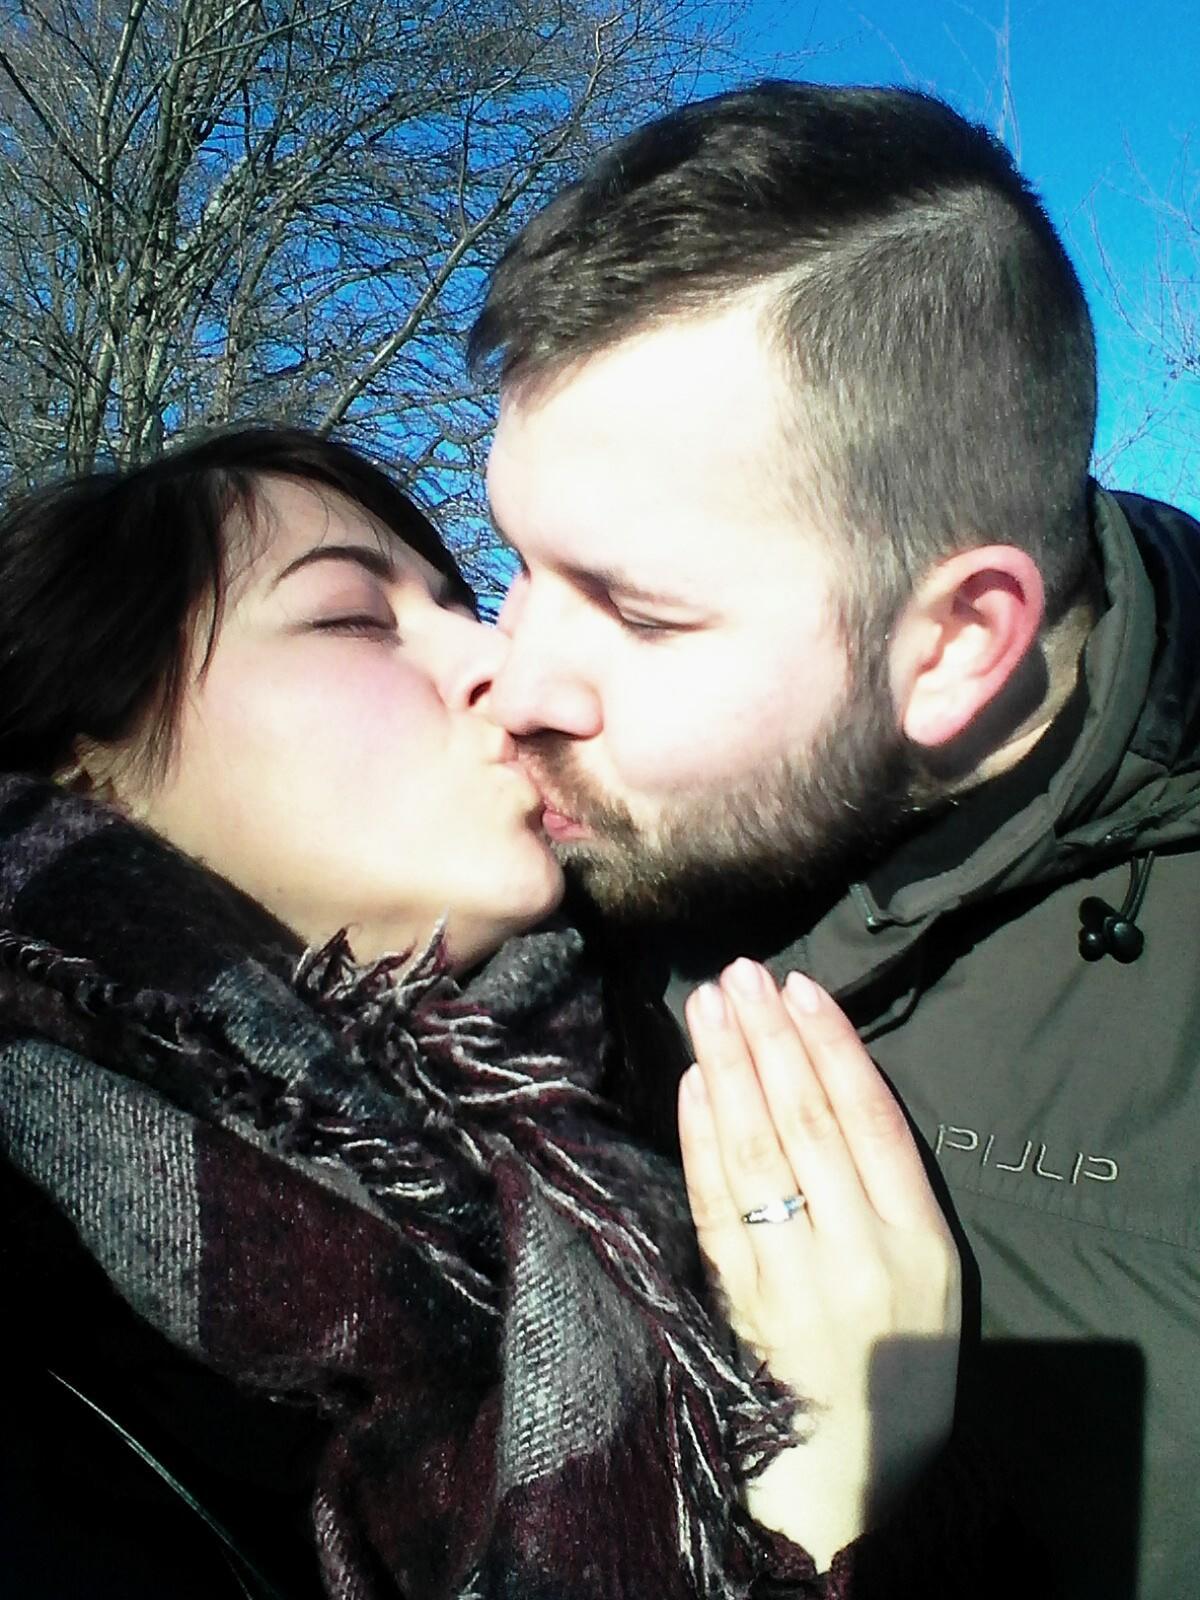 Máme zařízeno - Foto po zasnoubení muselo být :)